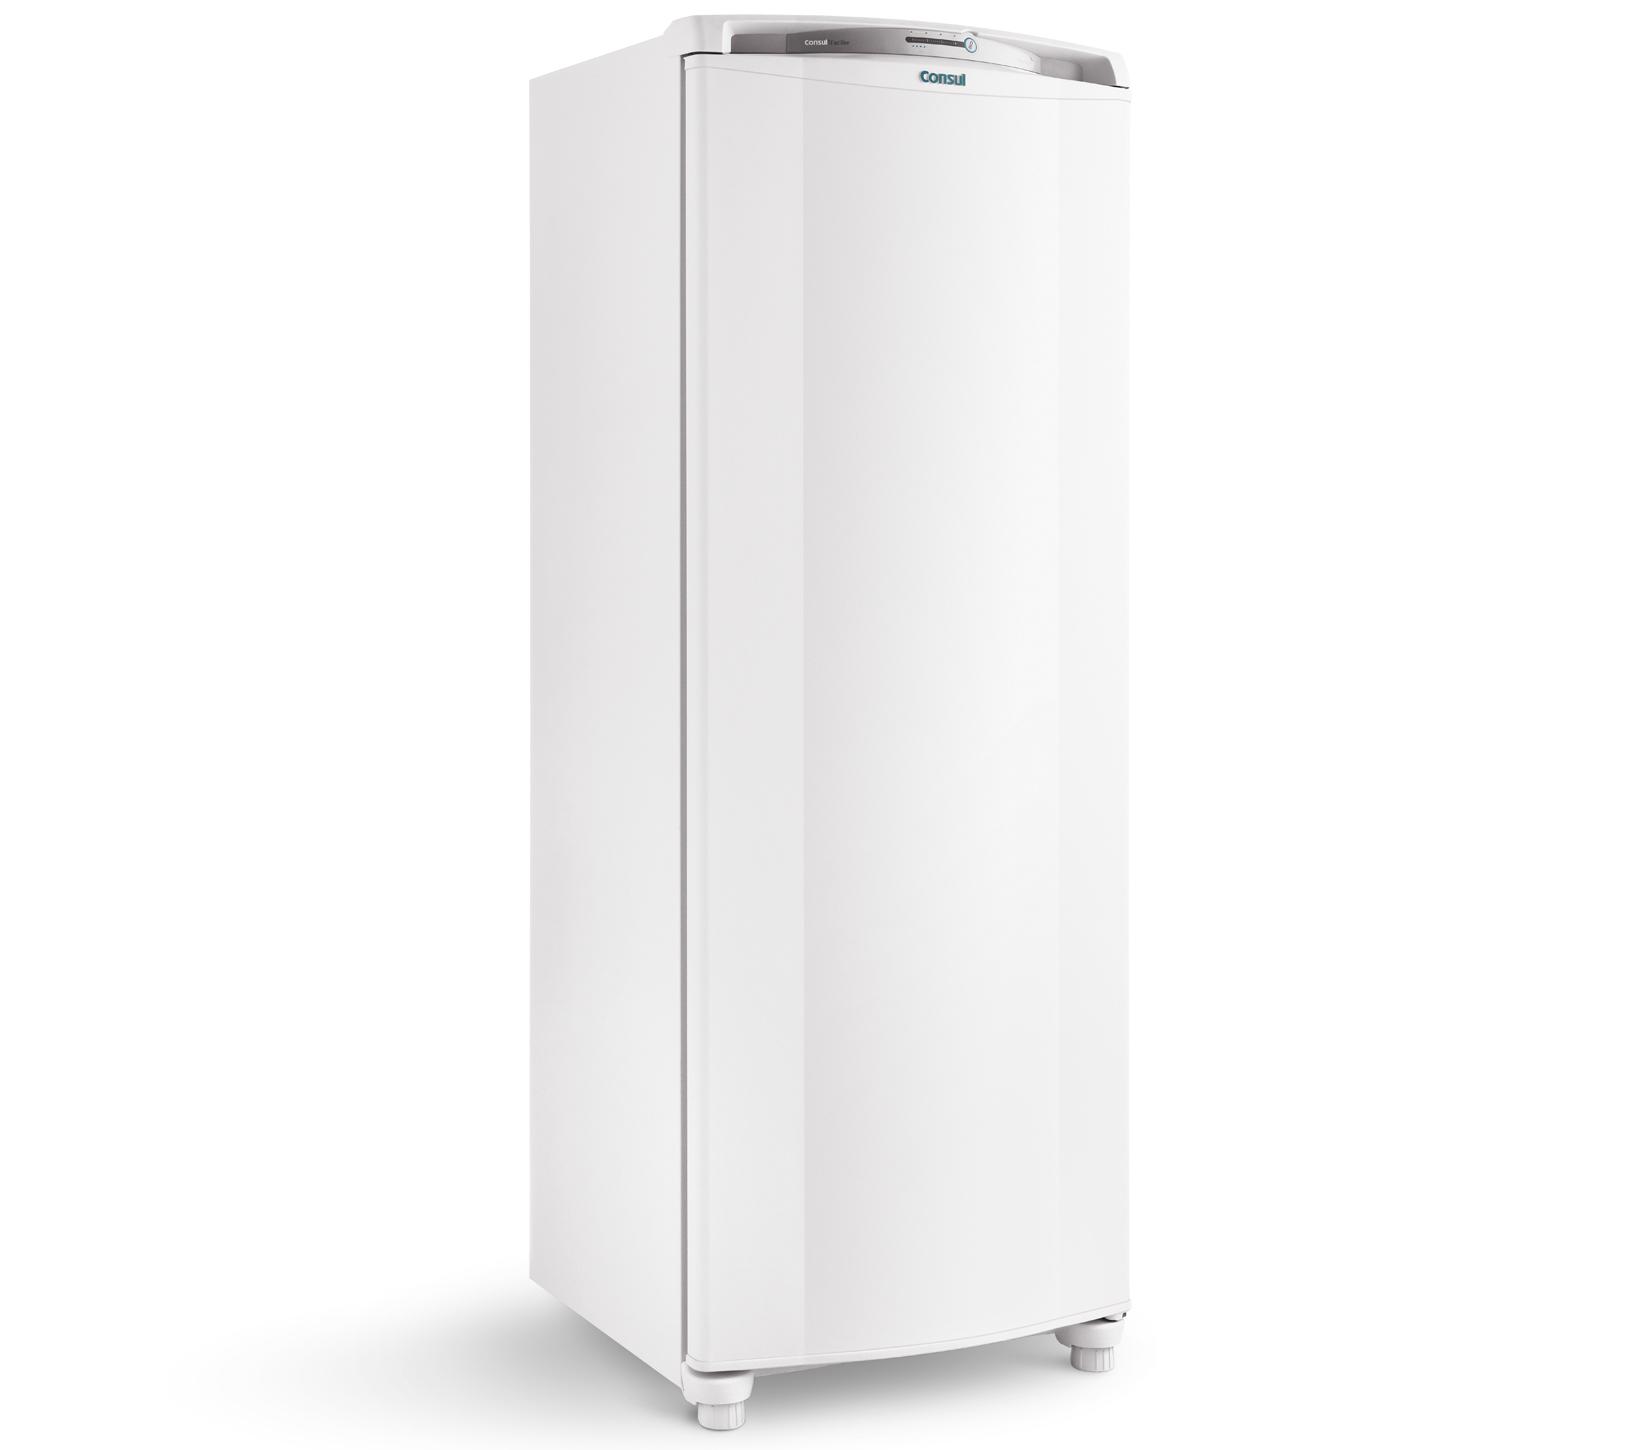 GeladeiraRefrigerador Consul Frost Free 1 Porta 342L Branco 127V - CRB39ABANA